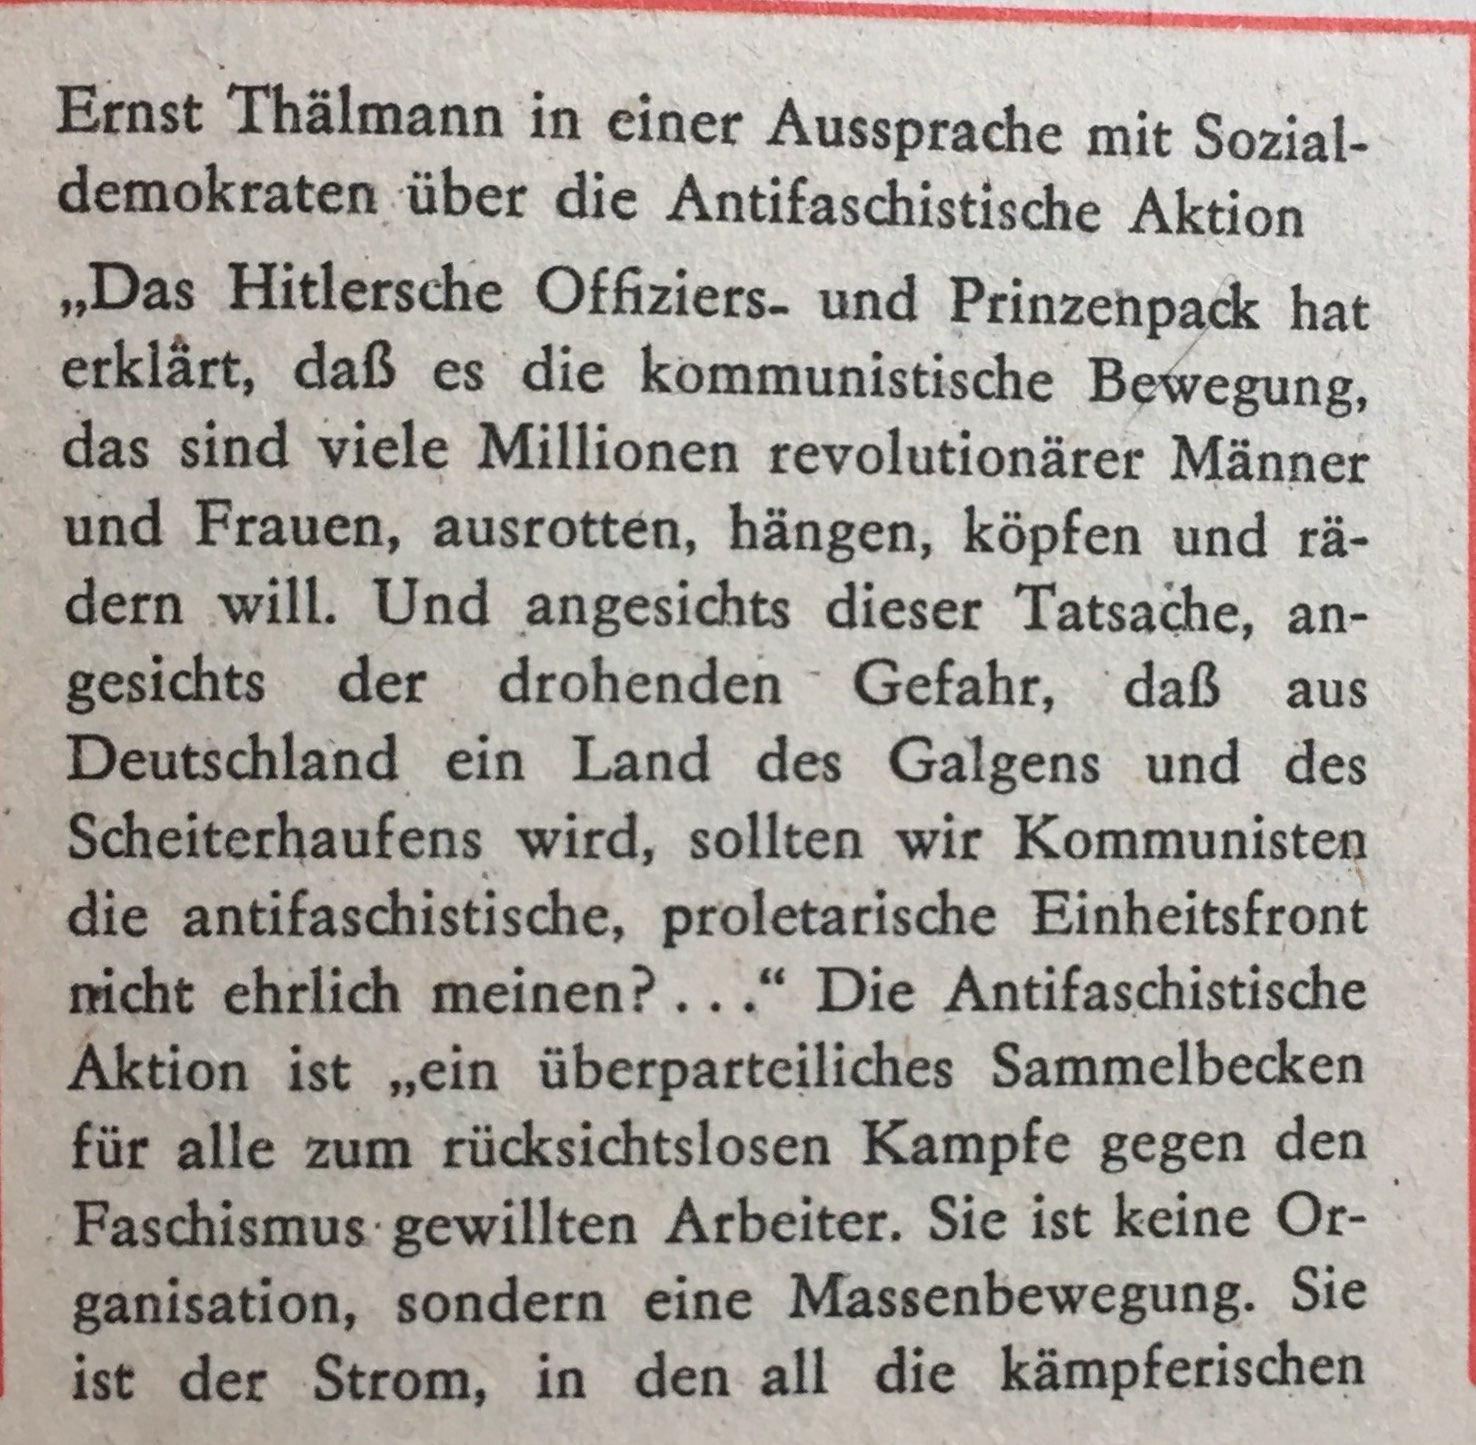 Ernst Thälmann antifaschistische Aktion 1